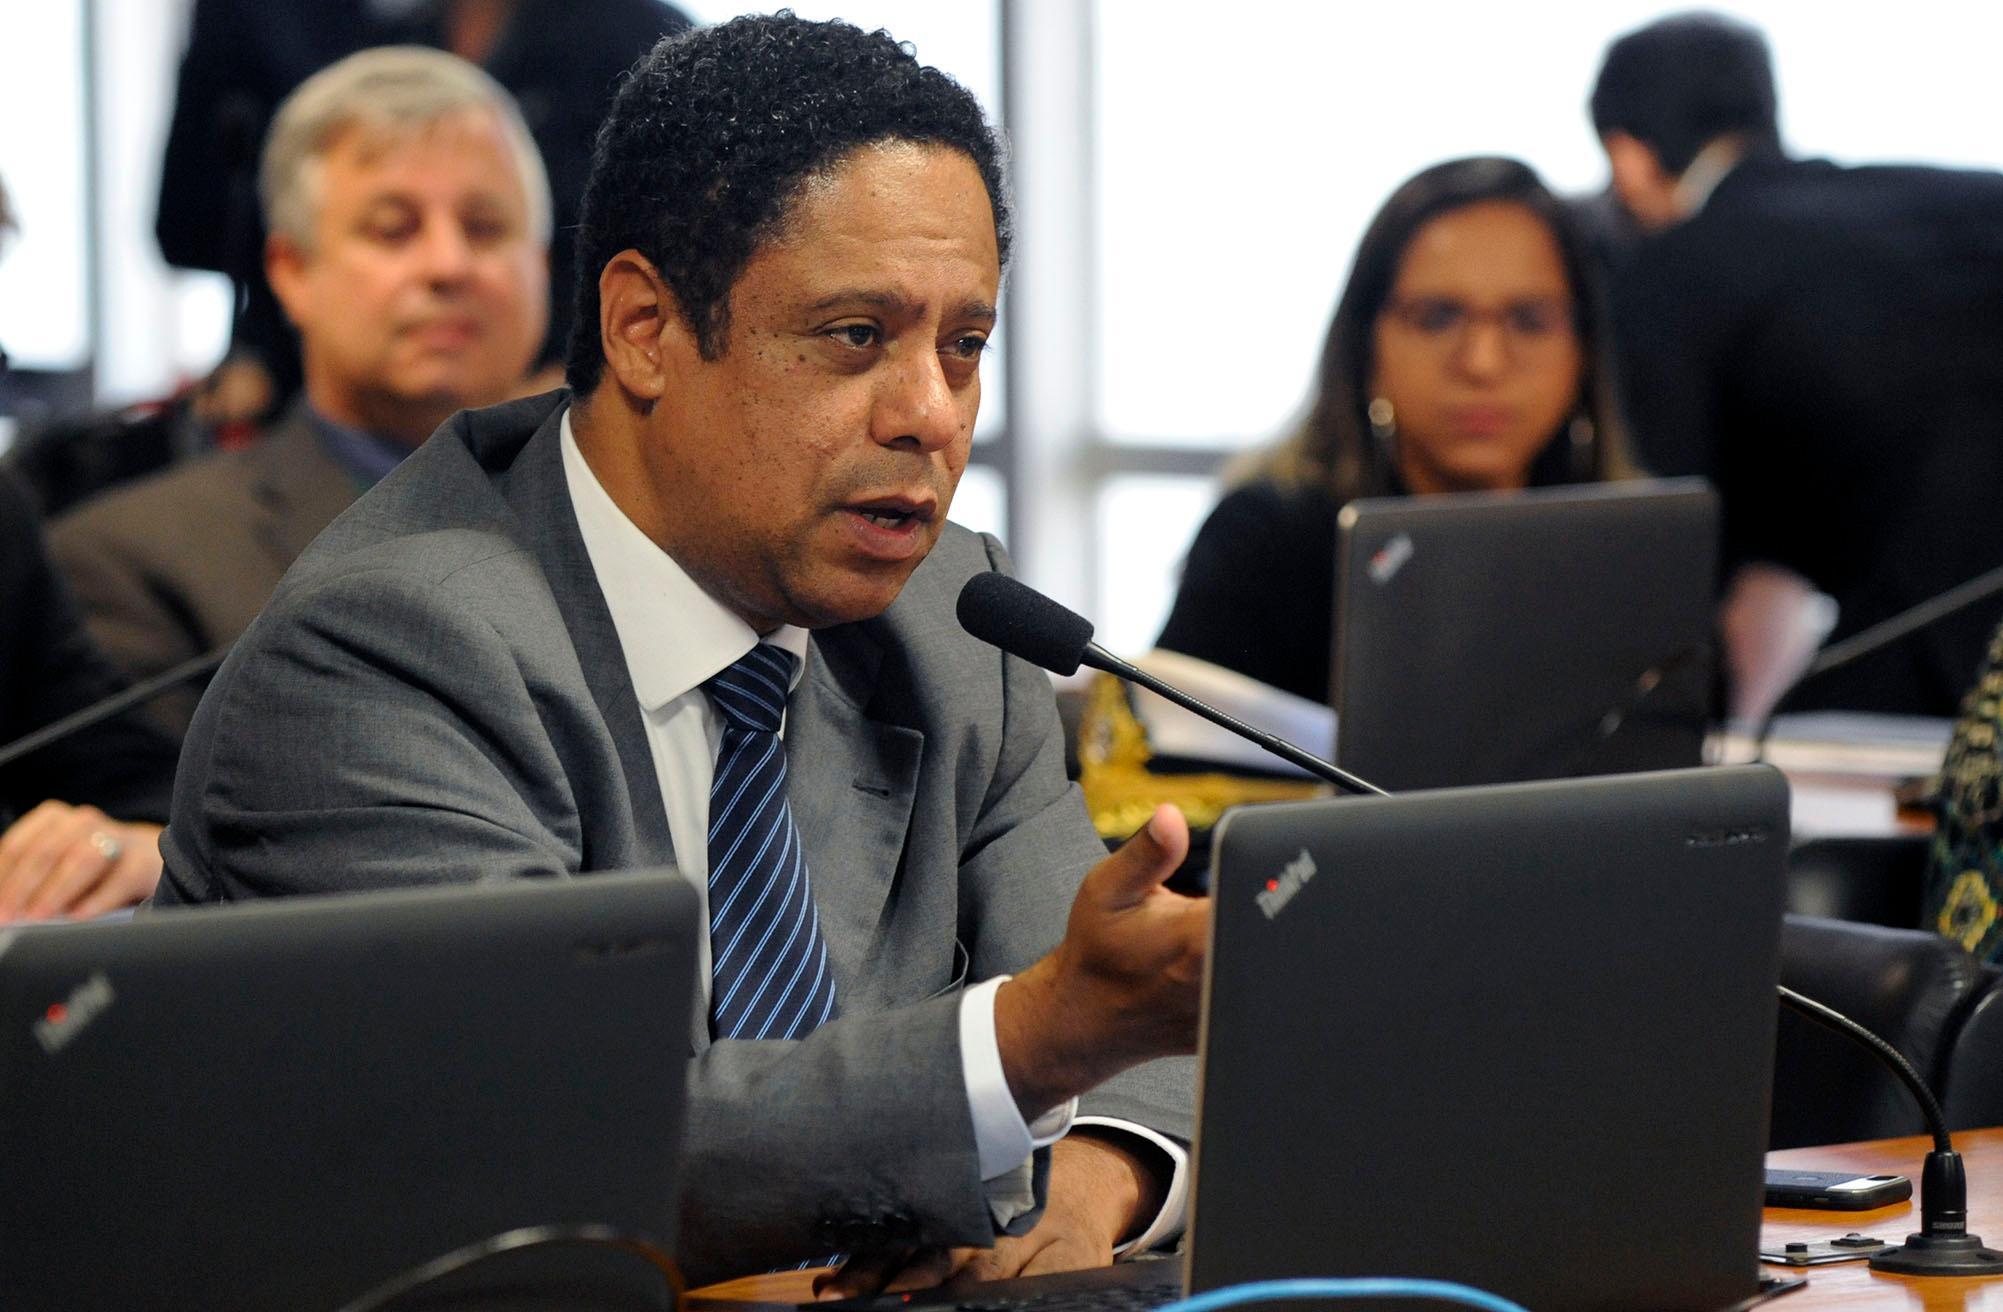 Audiência pública sobre a MP 820/18, que trata do acolhimento de estrangeiros que se refugiam no Brasil para escapar de crises humanitárias. Dep. Orlando Silva (PCdoB - SP)